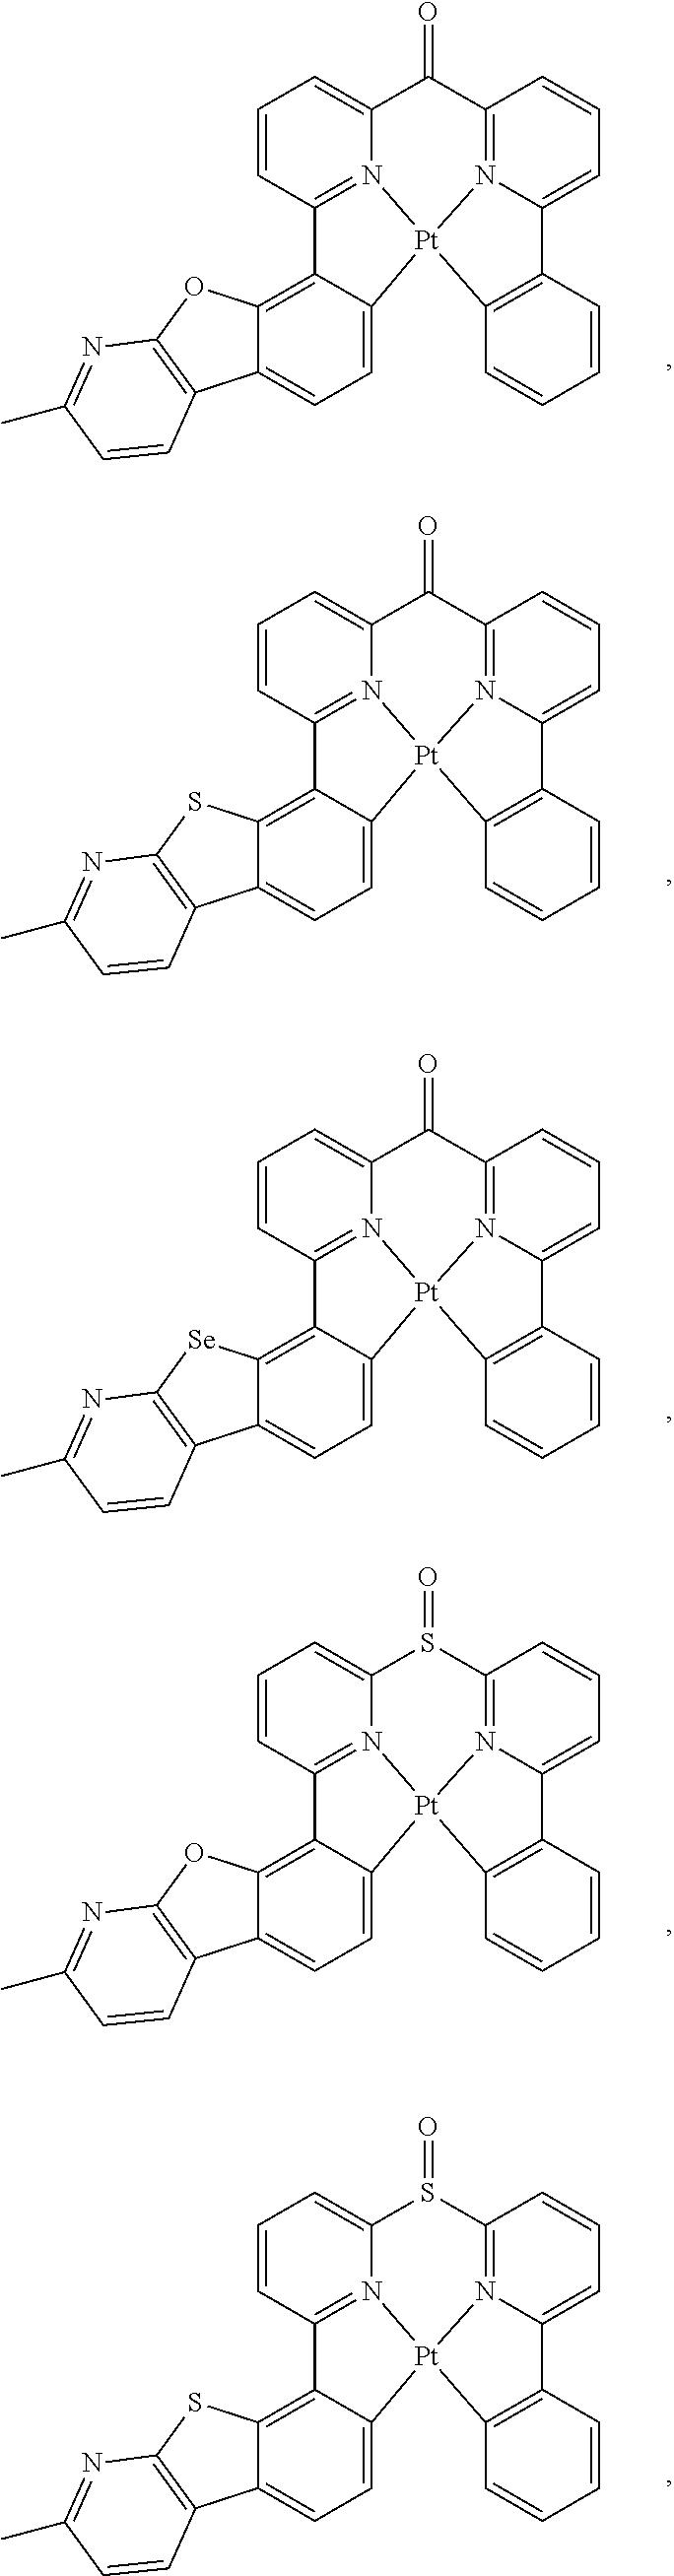 Figure US09871214-20180116-C00269